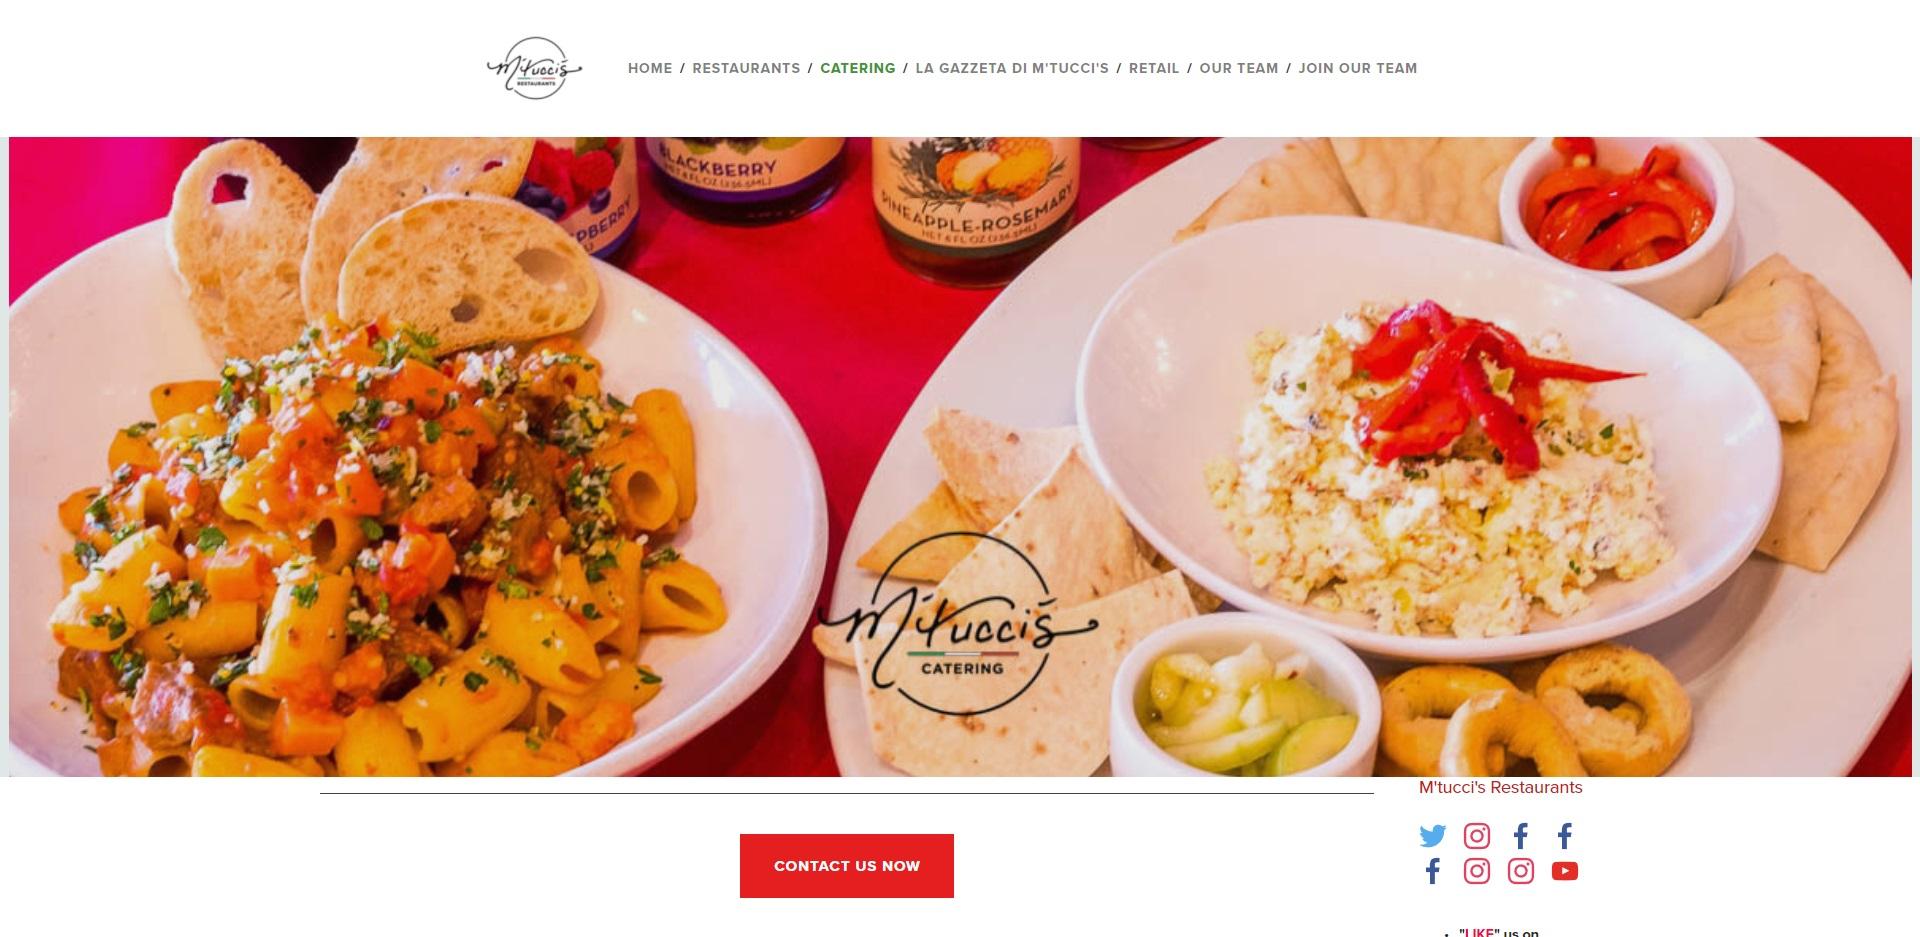 The Best Italian Restaurants in Albuquerque, NM